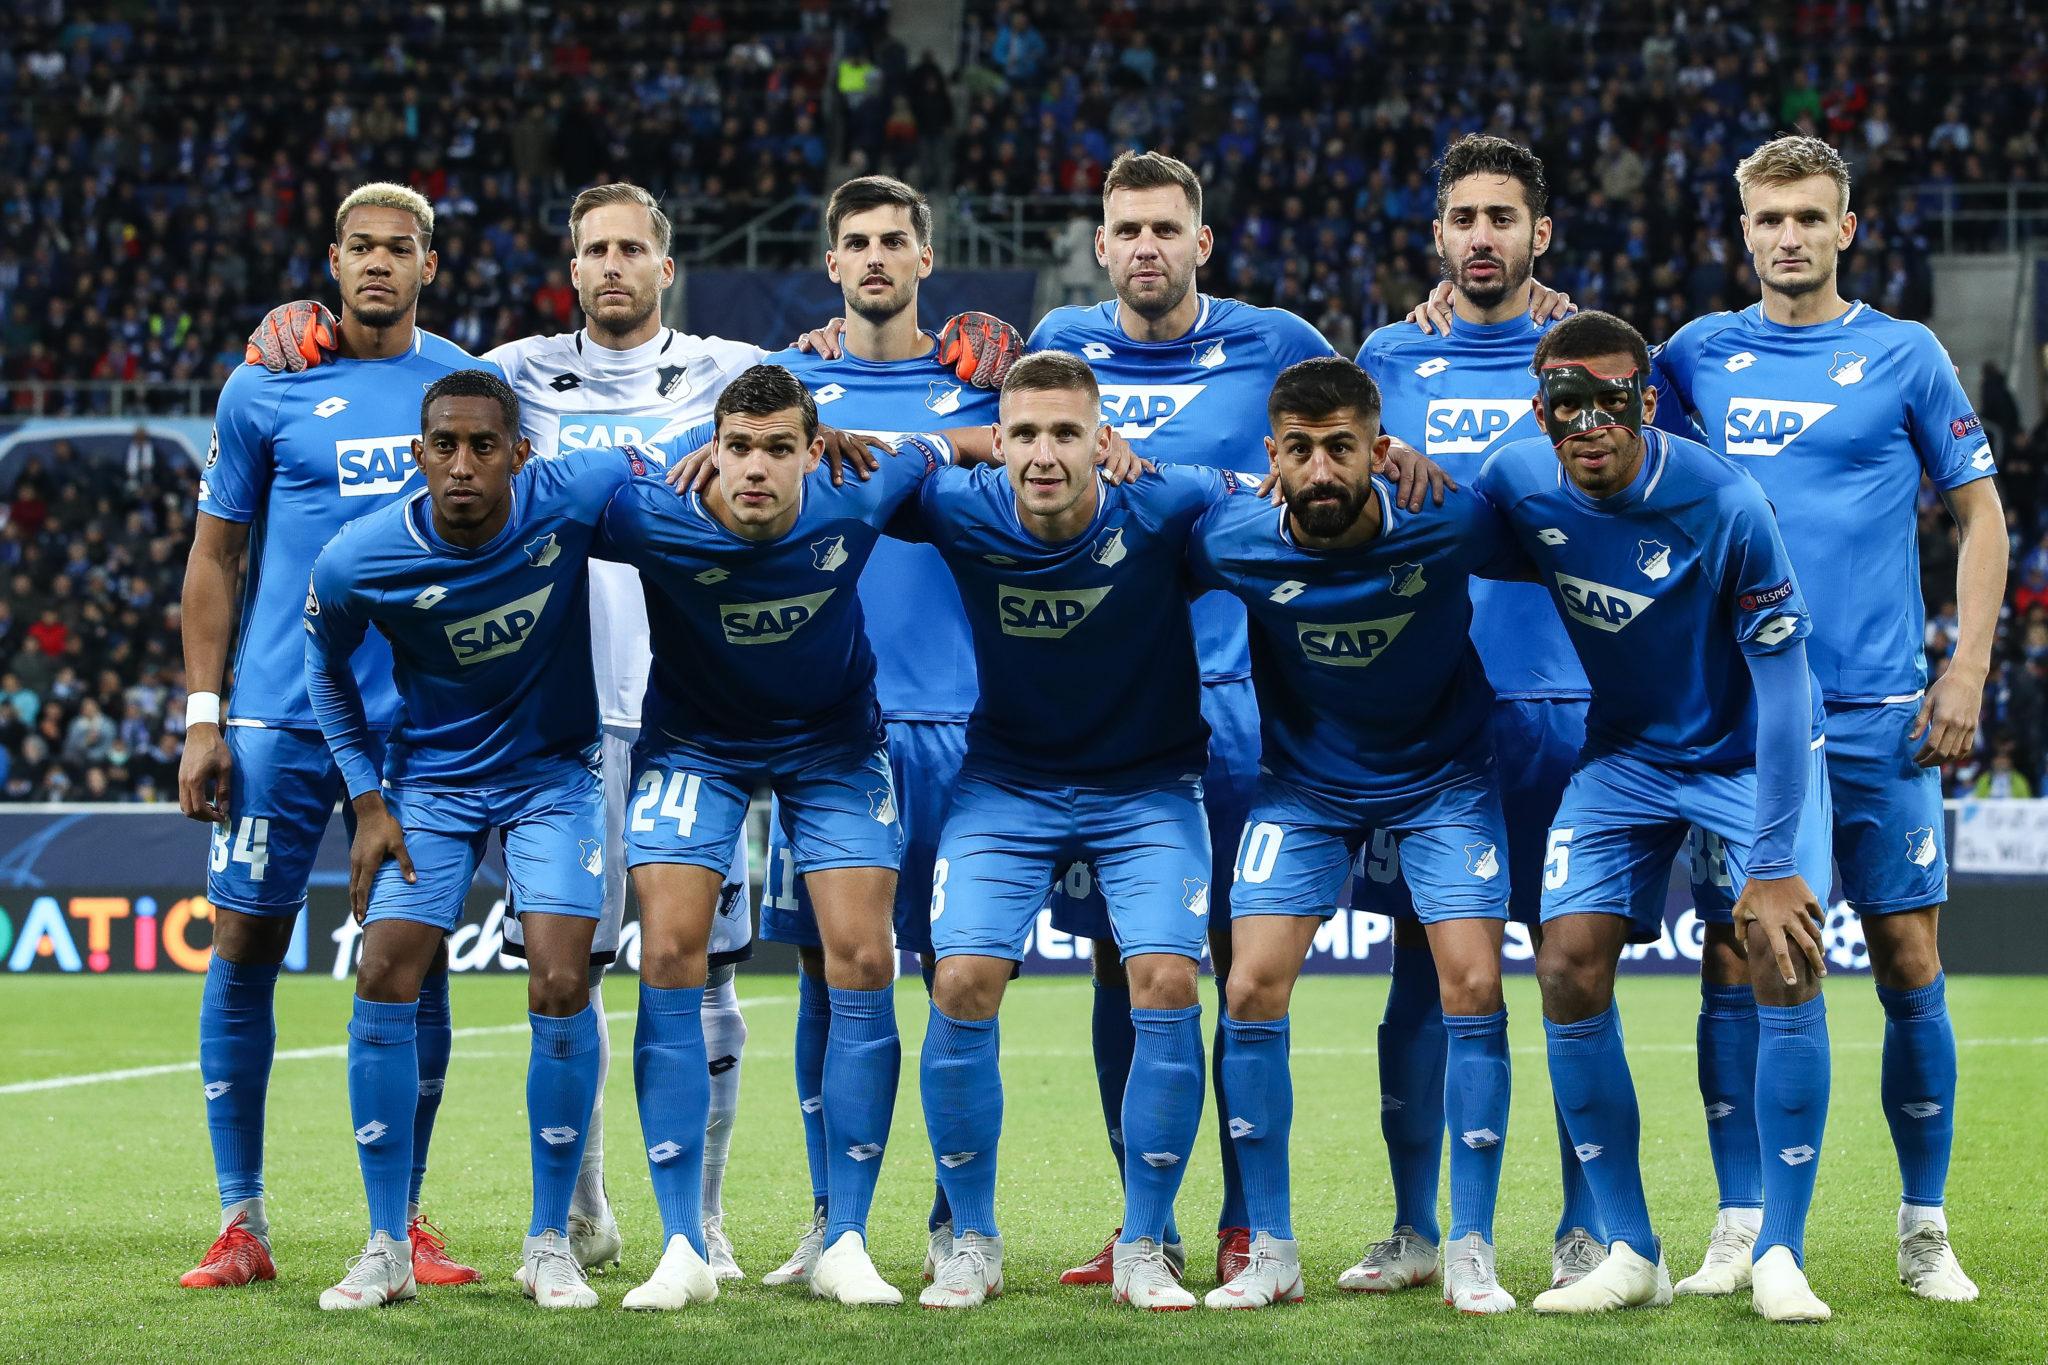 Mannschaft Hoffenheim